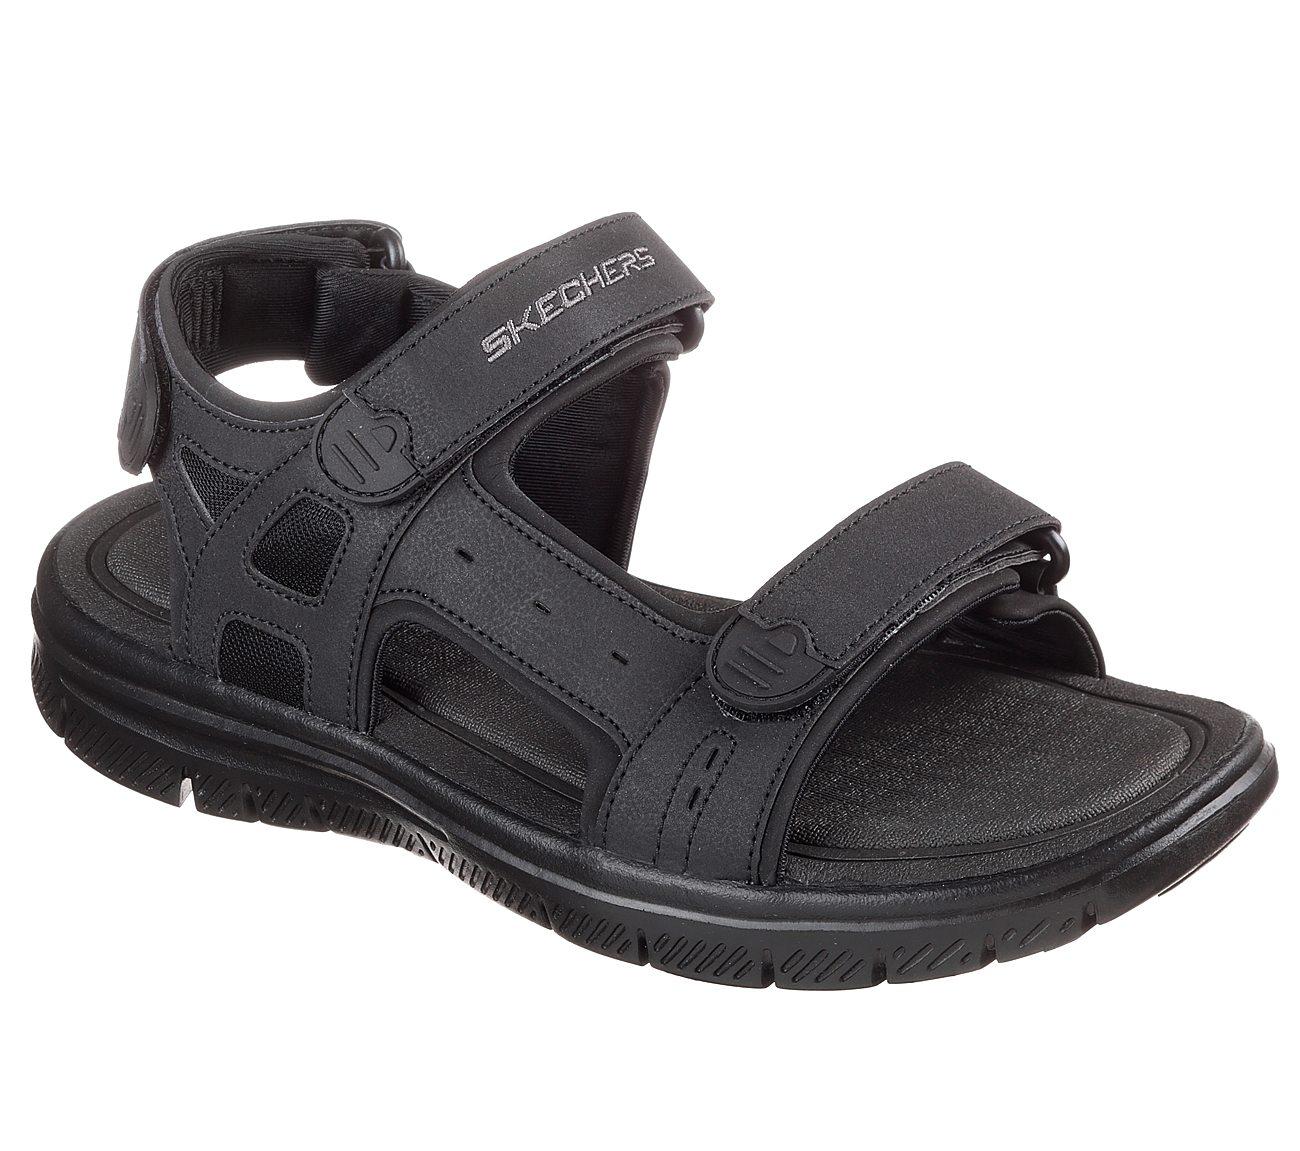 fd5d0d39b9ab5c Buy Skechers Men s Flex Advantage S - Upwell Black Sandal Online at ...